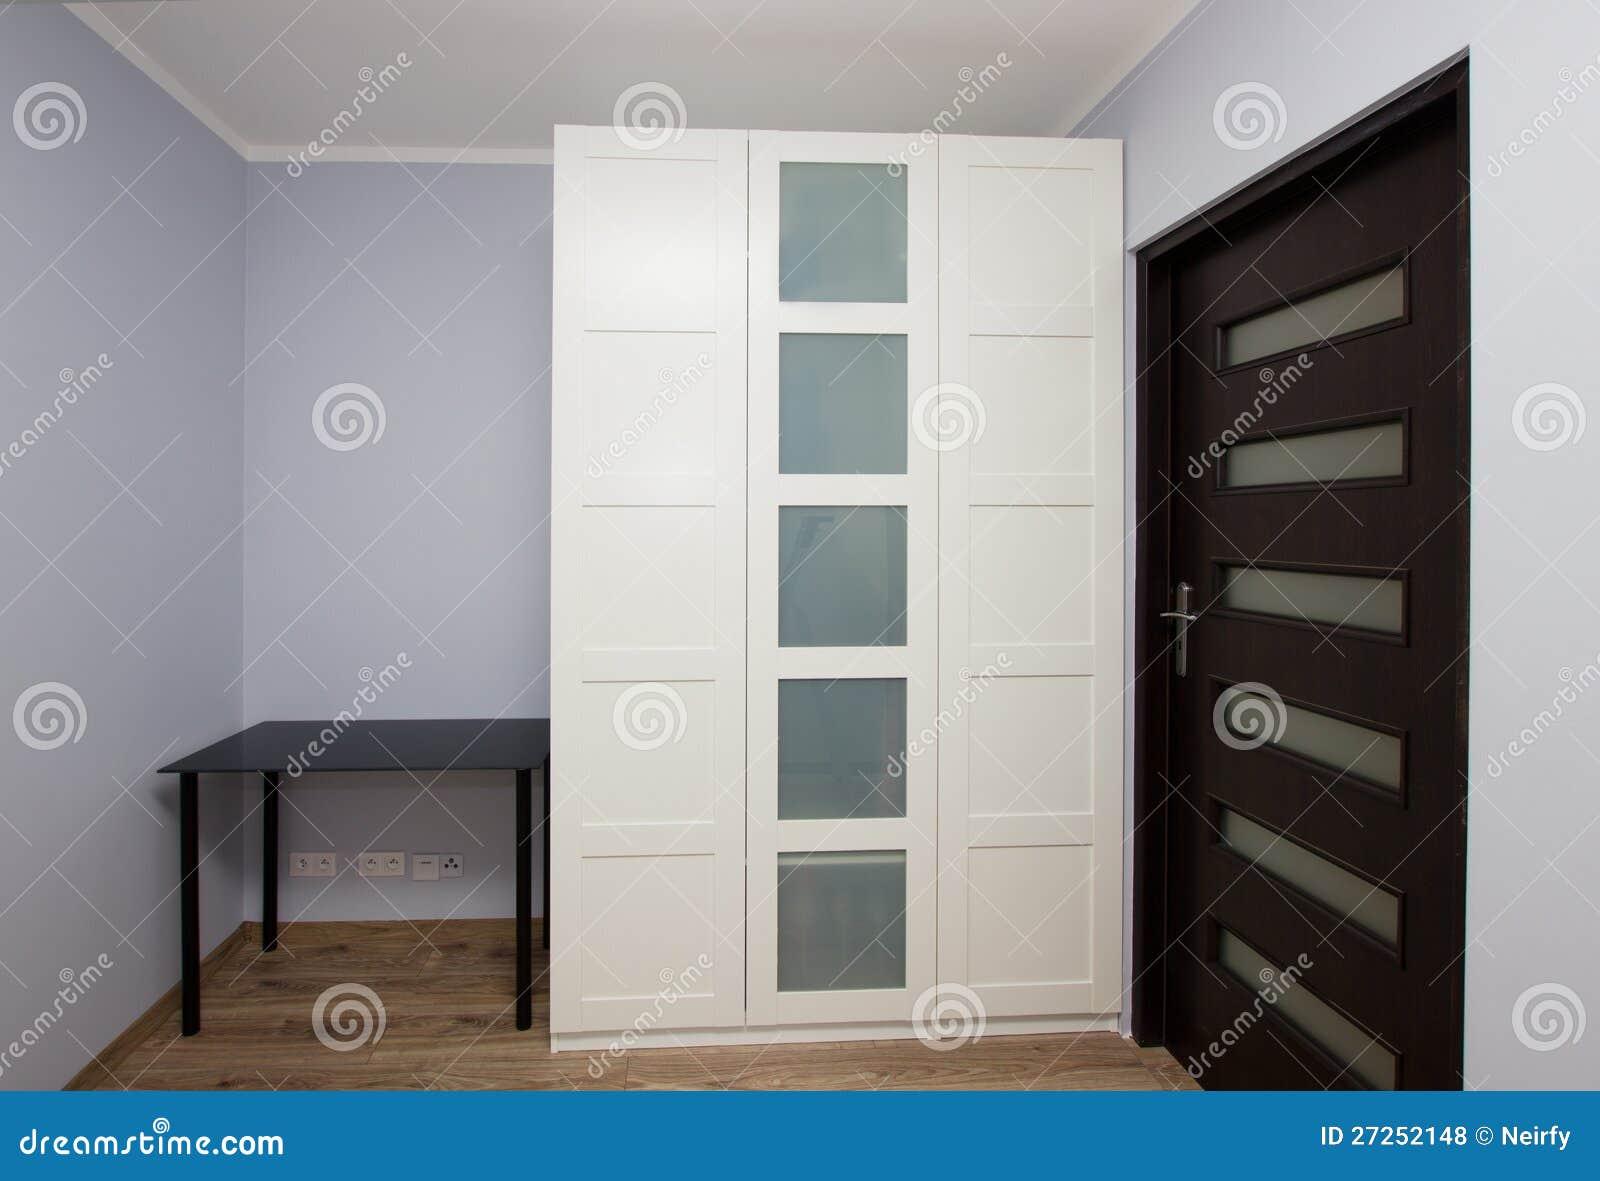 Int rieur moderne d 39 appartement avec la garde robe photos libres de droit - Photo interieur appartement moderne ...